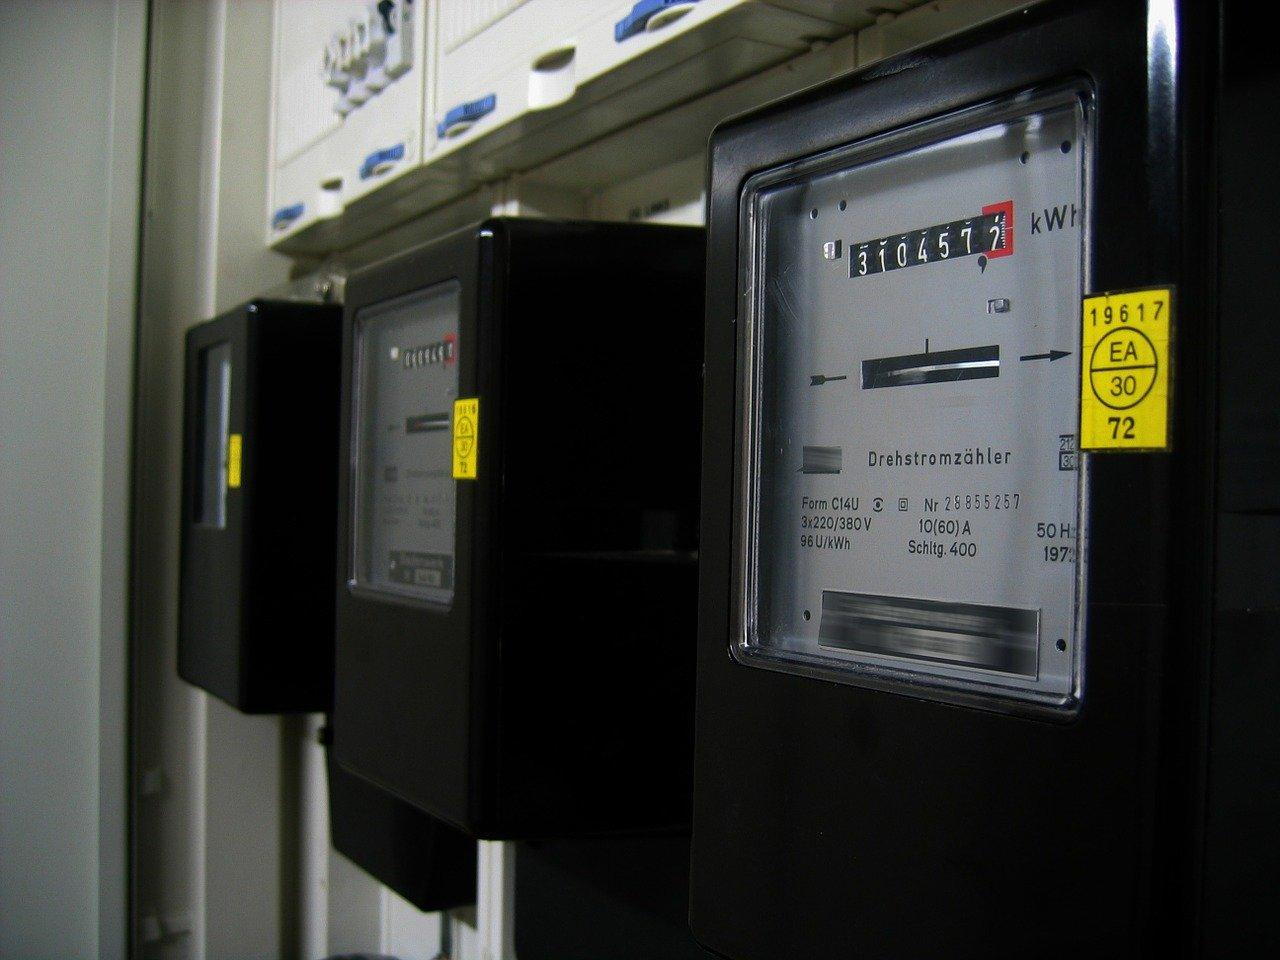 Consommation électricité